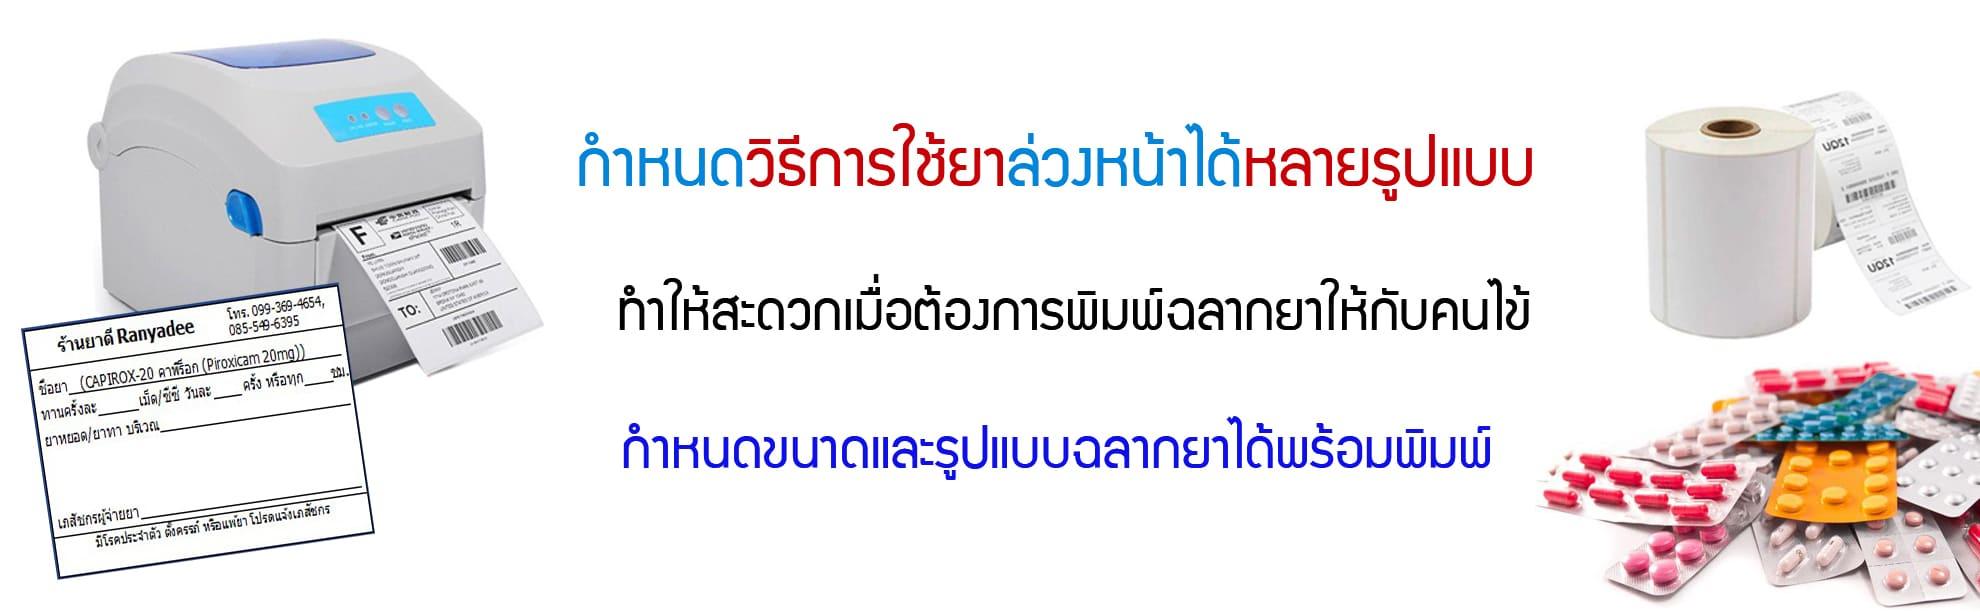 พิมพ์ฉลากยา-ranyadee